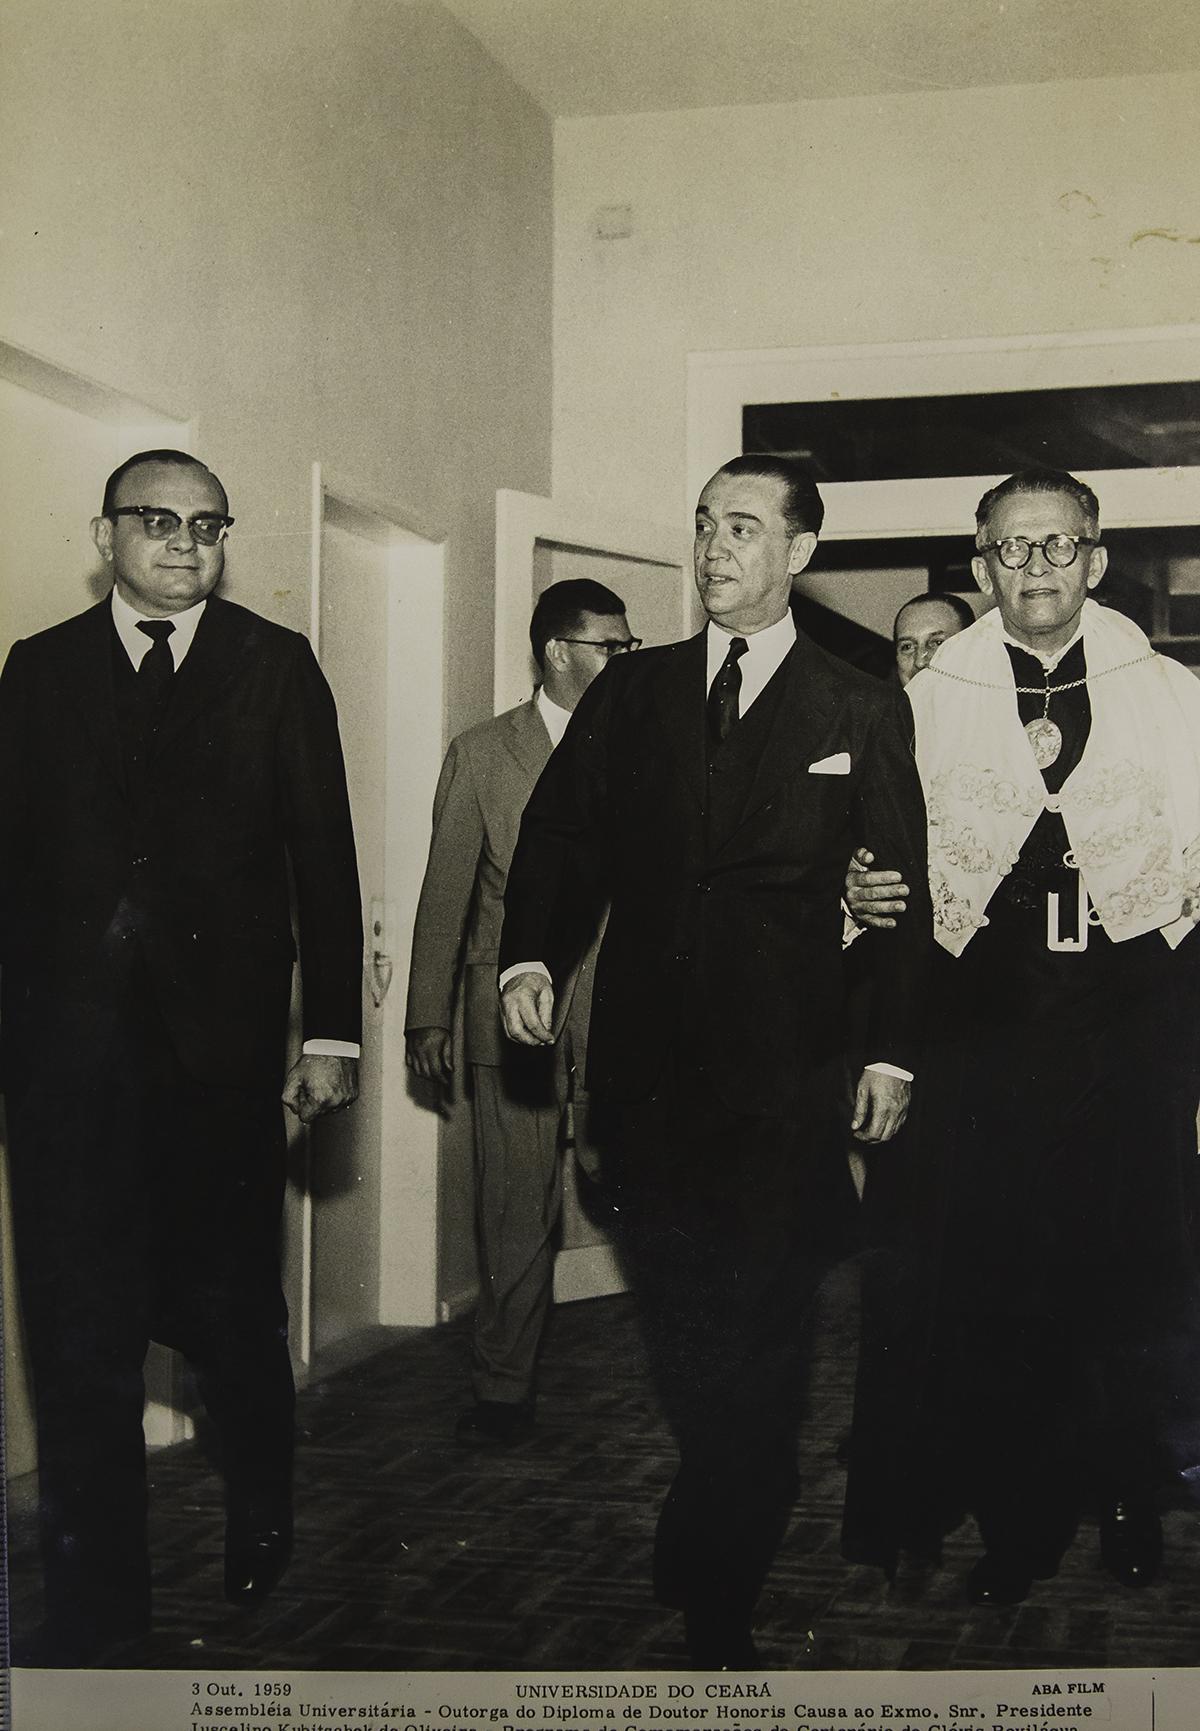 Outorga do diploma de Doutor Honoris Causa ao então presidente da República, Juscelino Kubitschek - 03/10/1959.